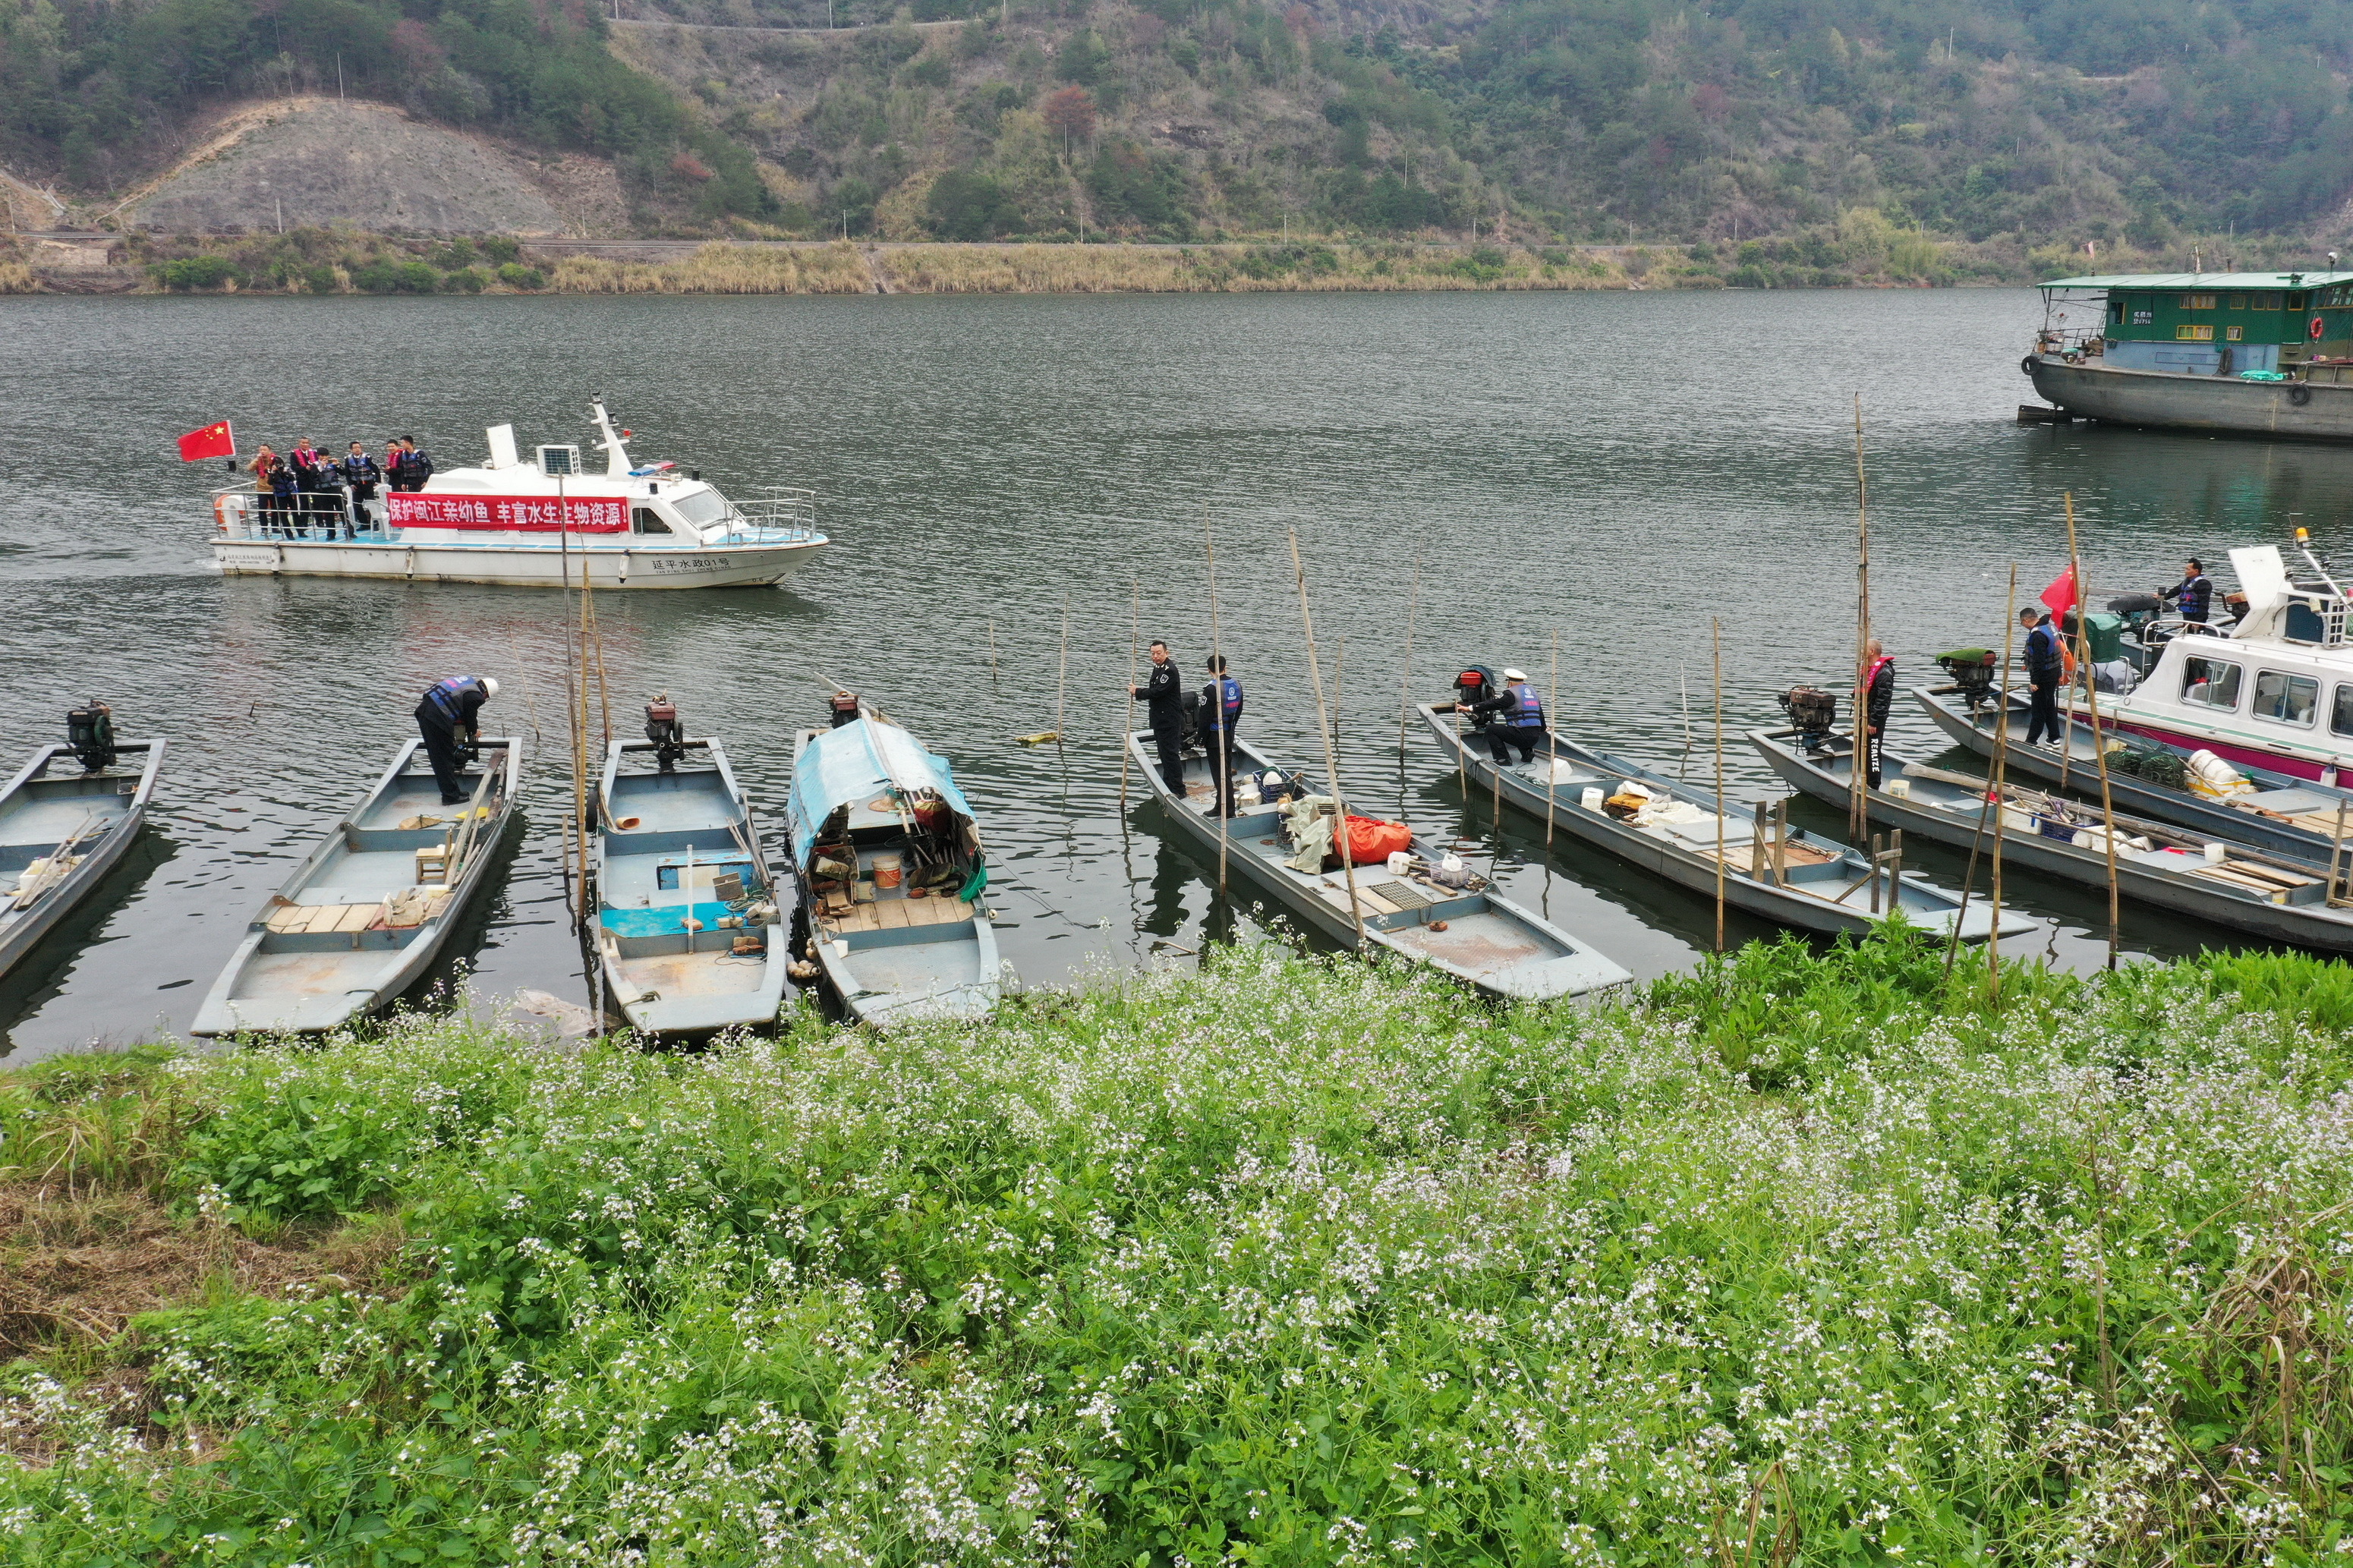 福建省闽江流域启动为期4个月的禁渔期